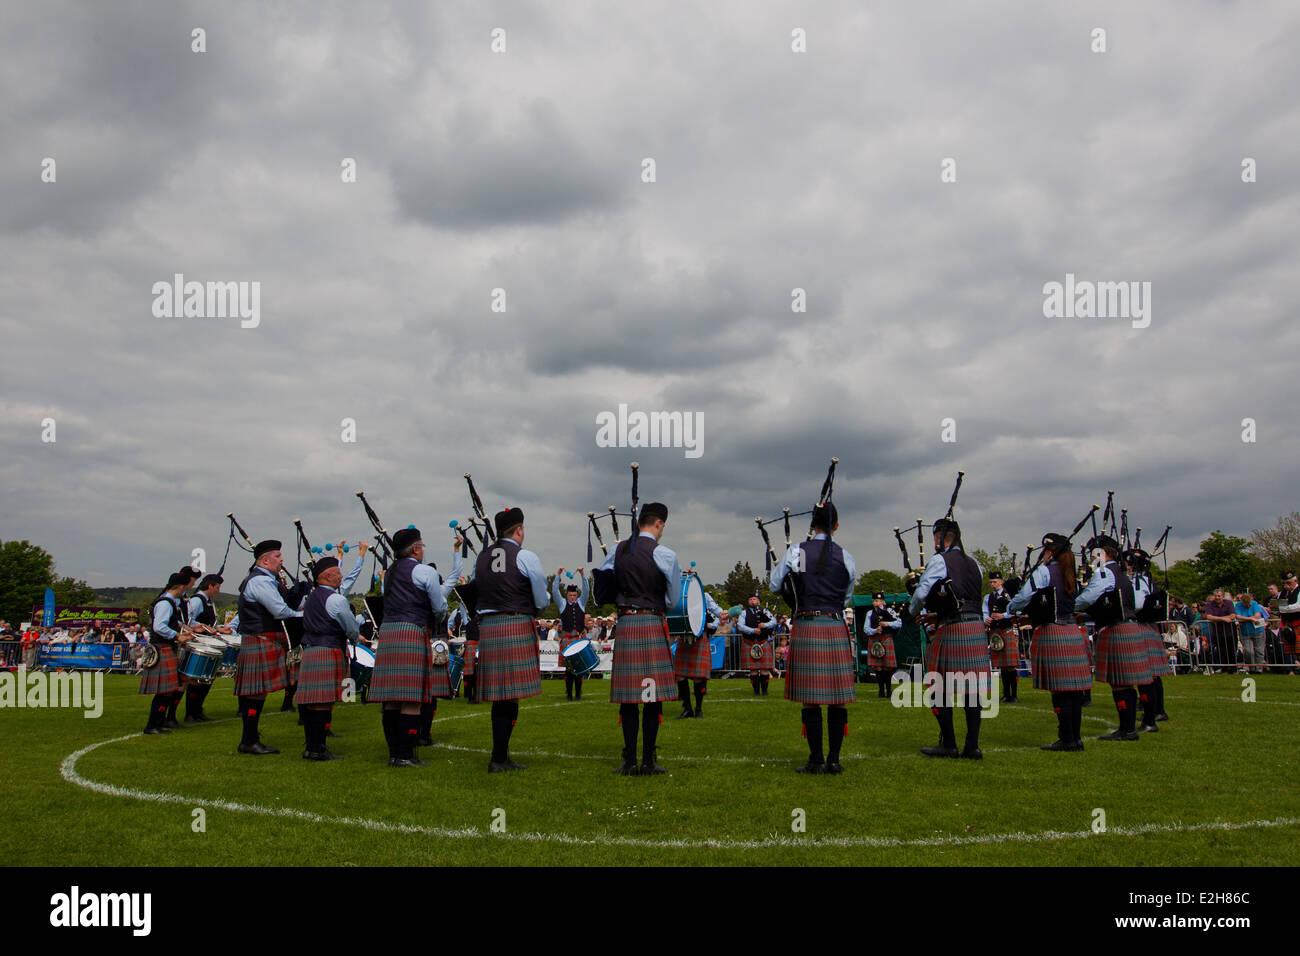 Pipeband scozzese campionati, a Bathgate, Scozia. Foto Stock